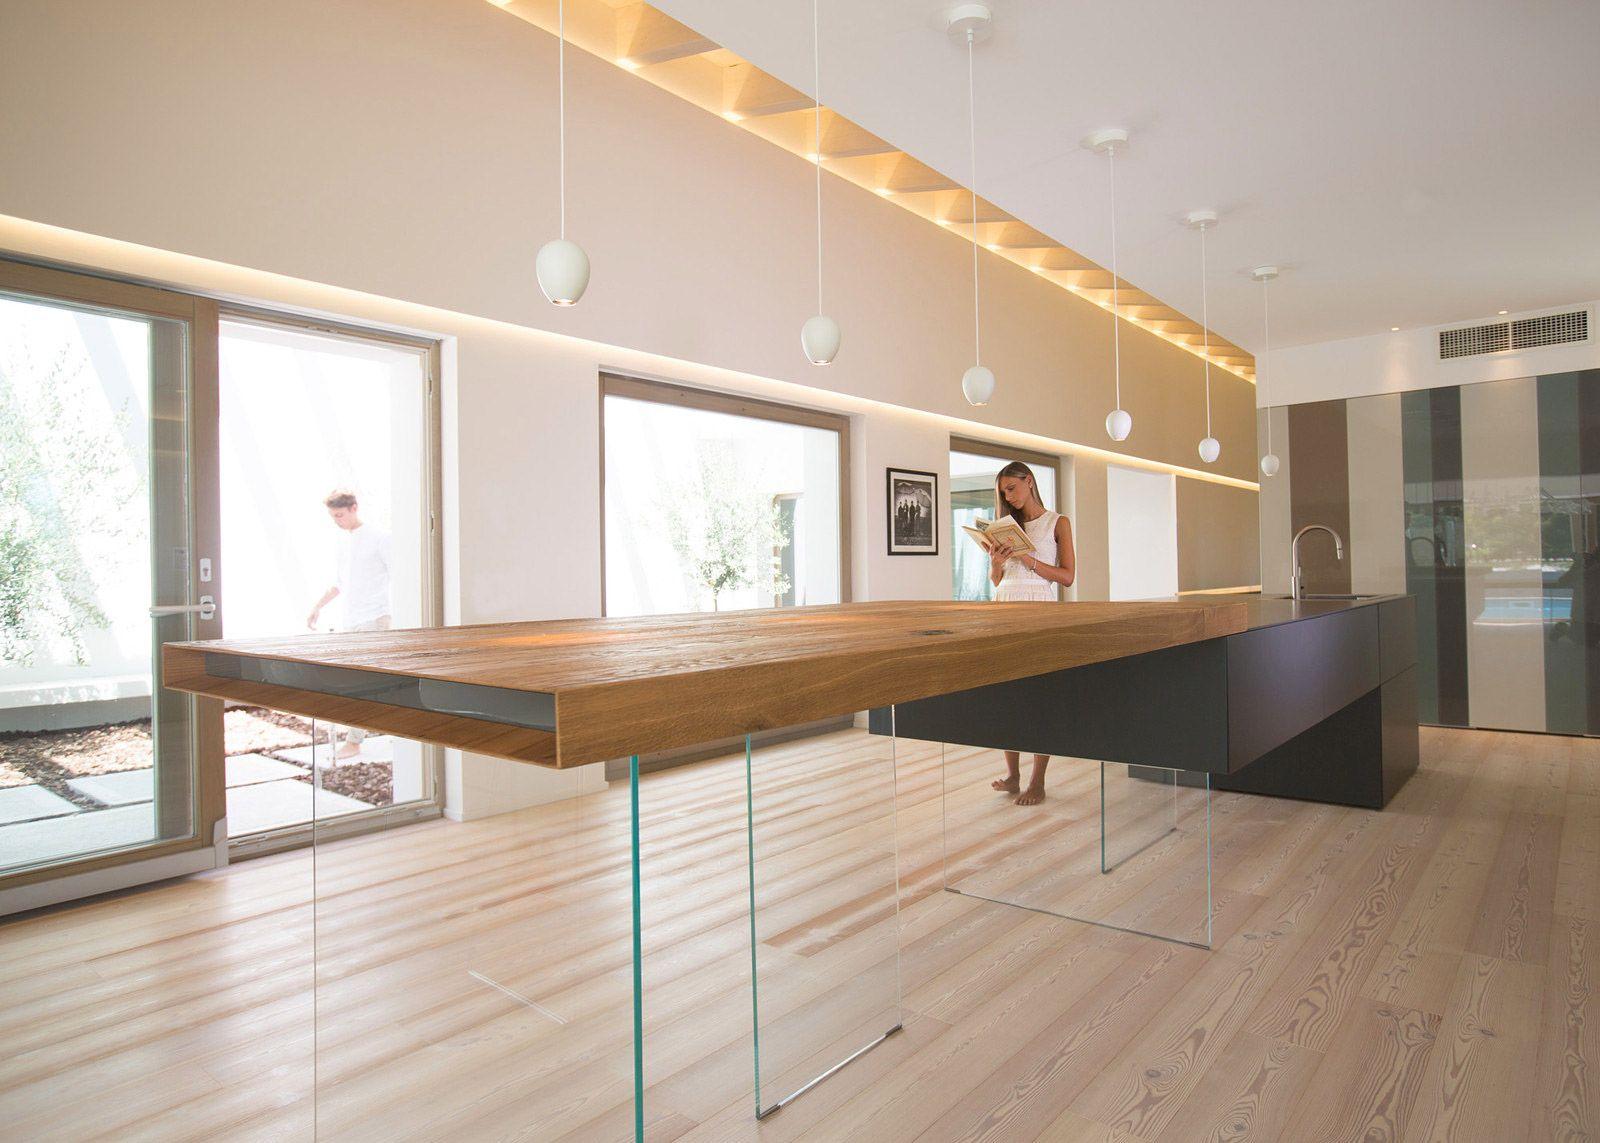 Minimalist house interior | Architektur | Minimalistische-Häuser ...